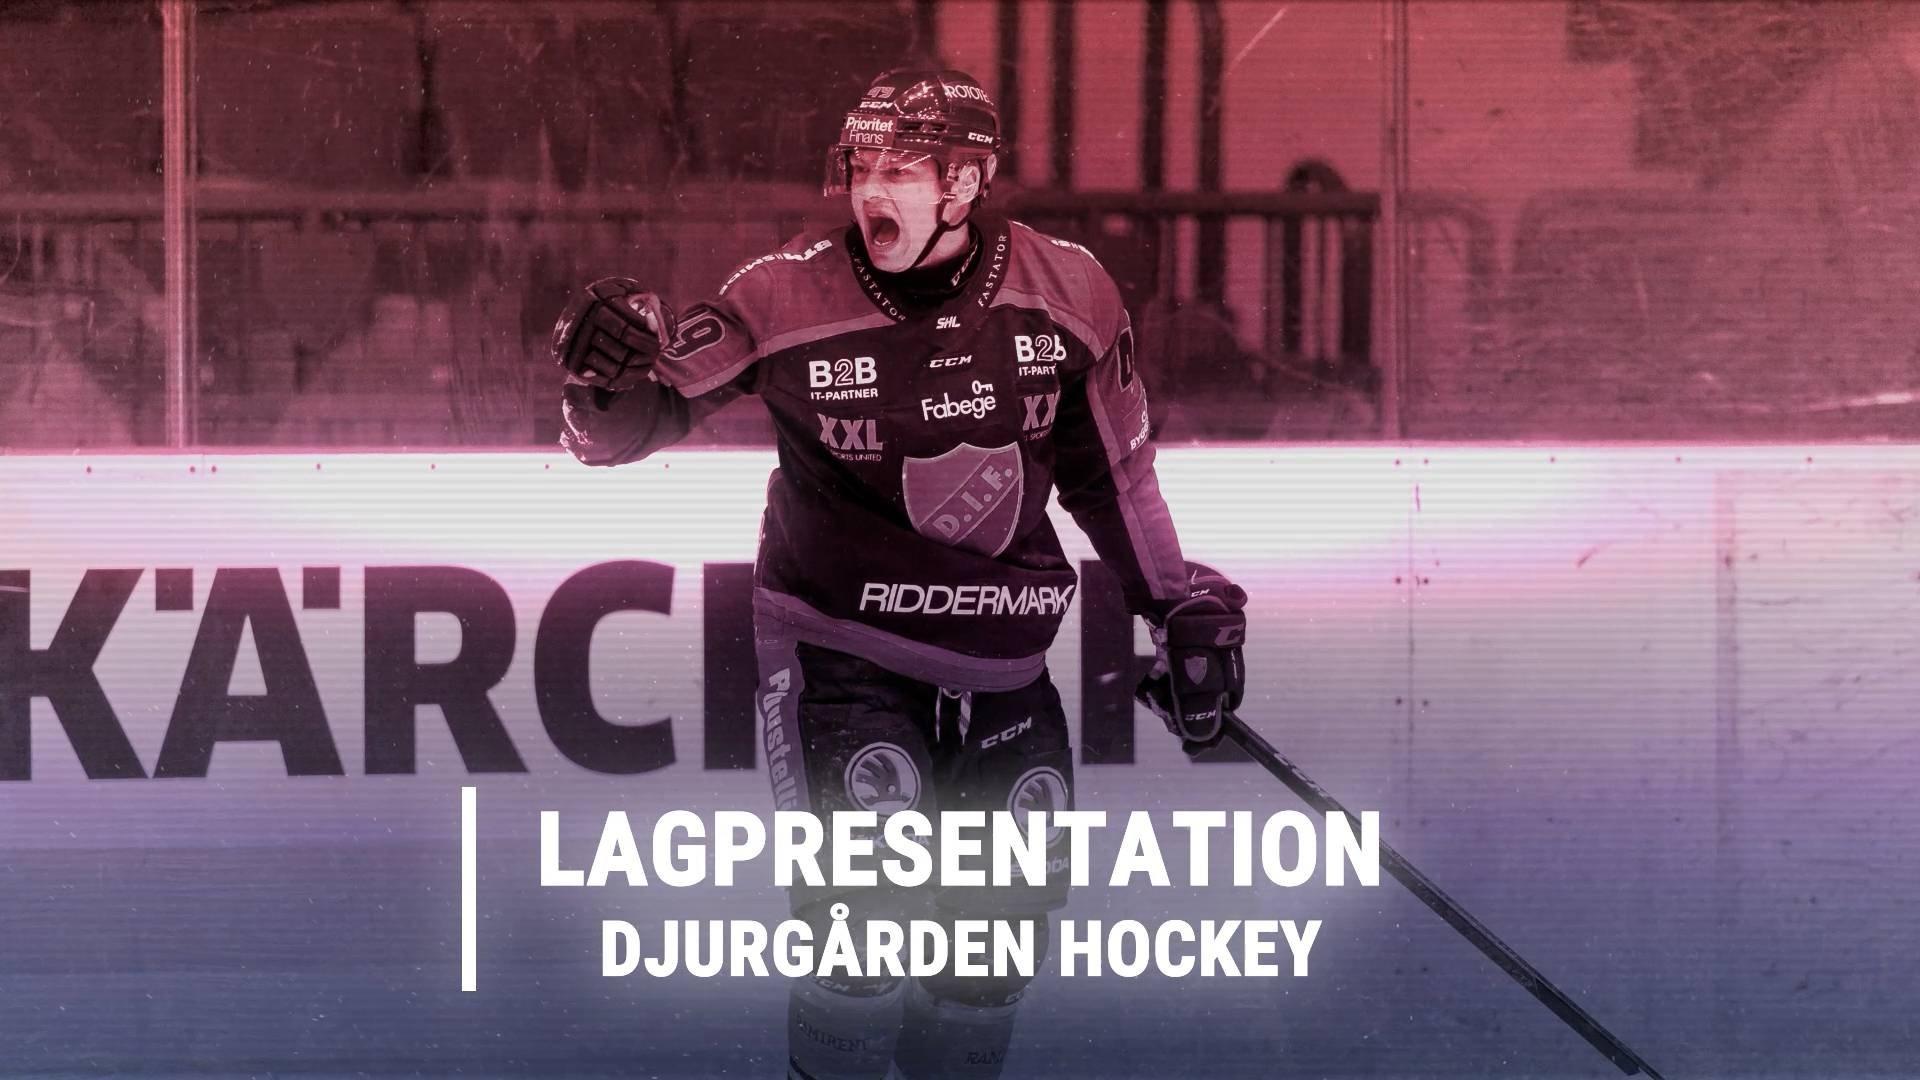 Lagpresentation Djurgården Hockey